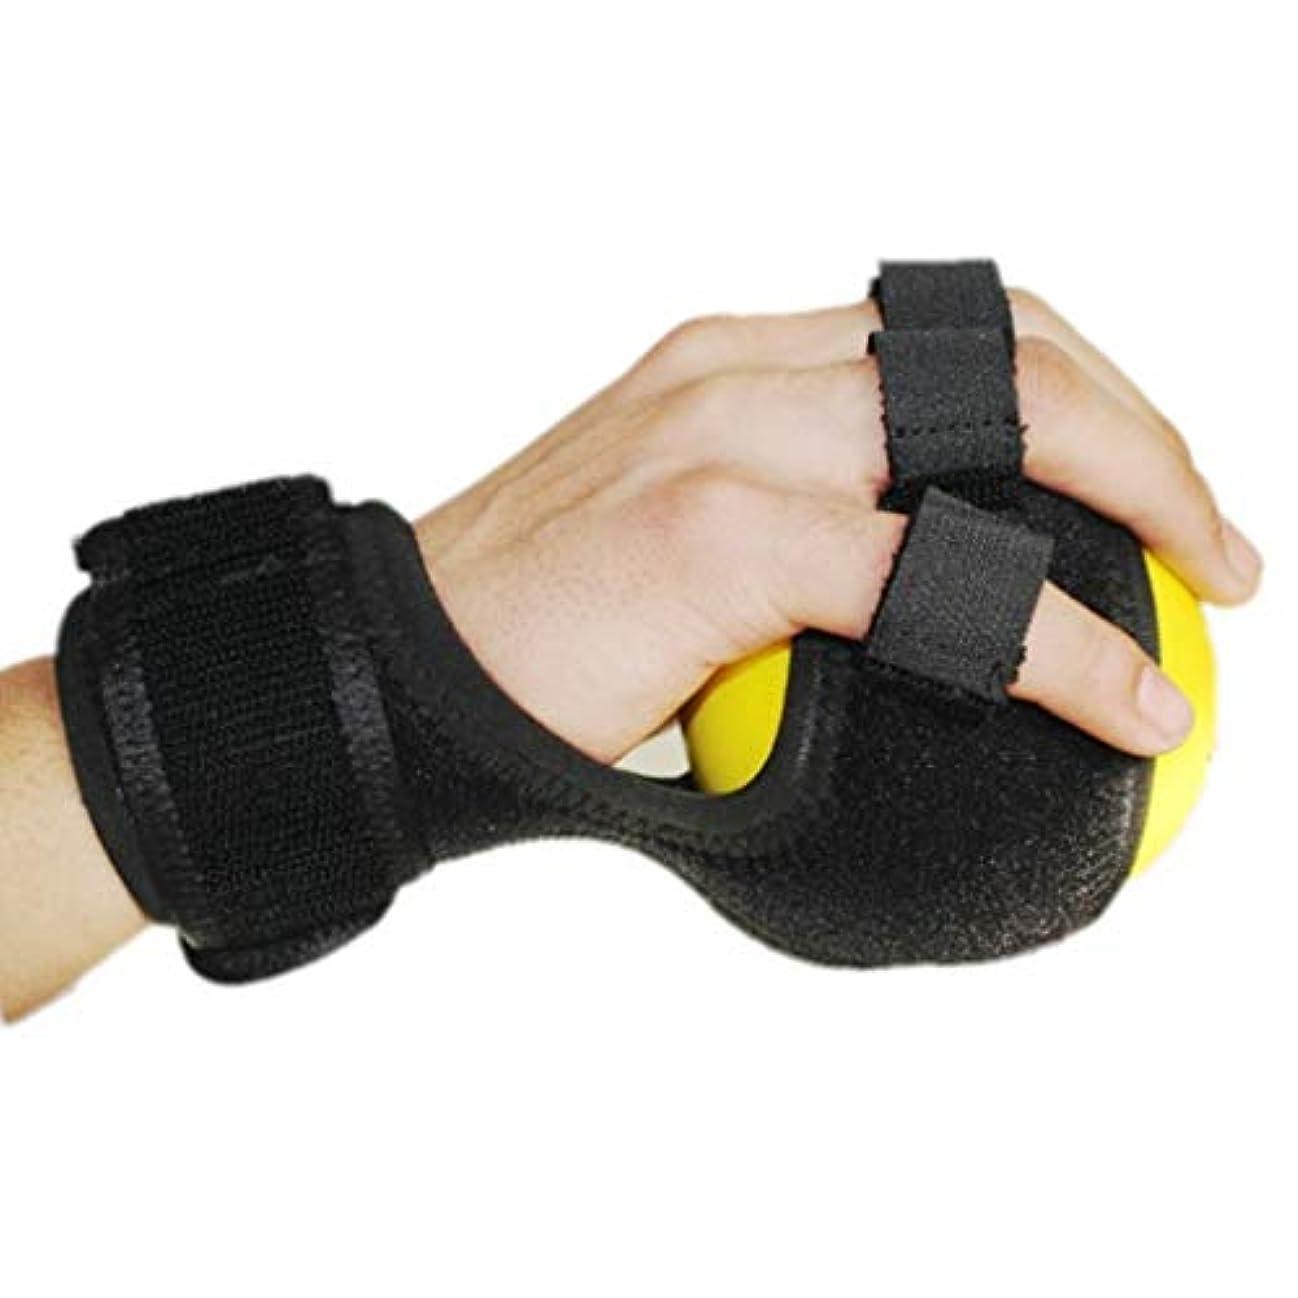 男スライムディスクグリップボールは手をつない機能障害アンチスクワット指補正デバイスのデバイストレーニング機器ストローク片麻痺リハビリトレーニングデバイスを参照します